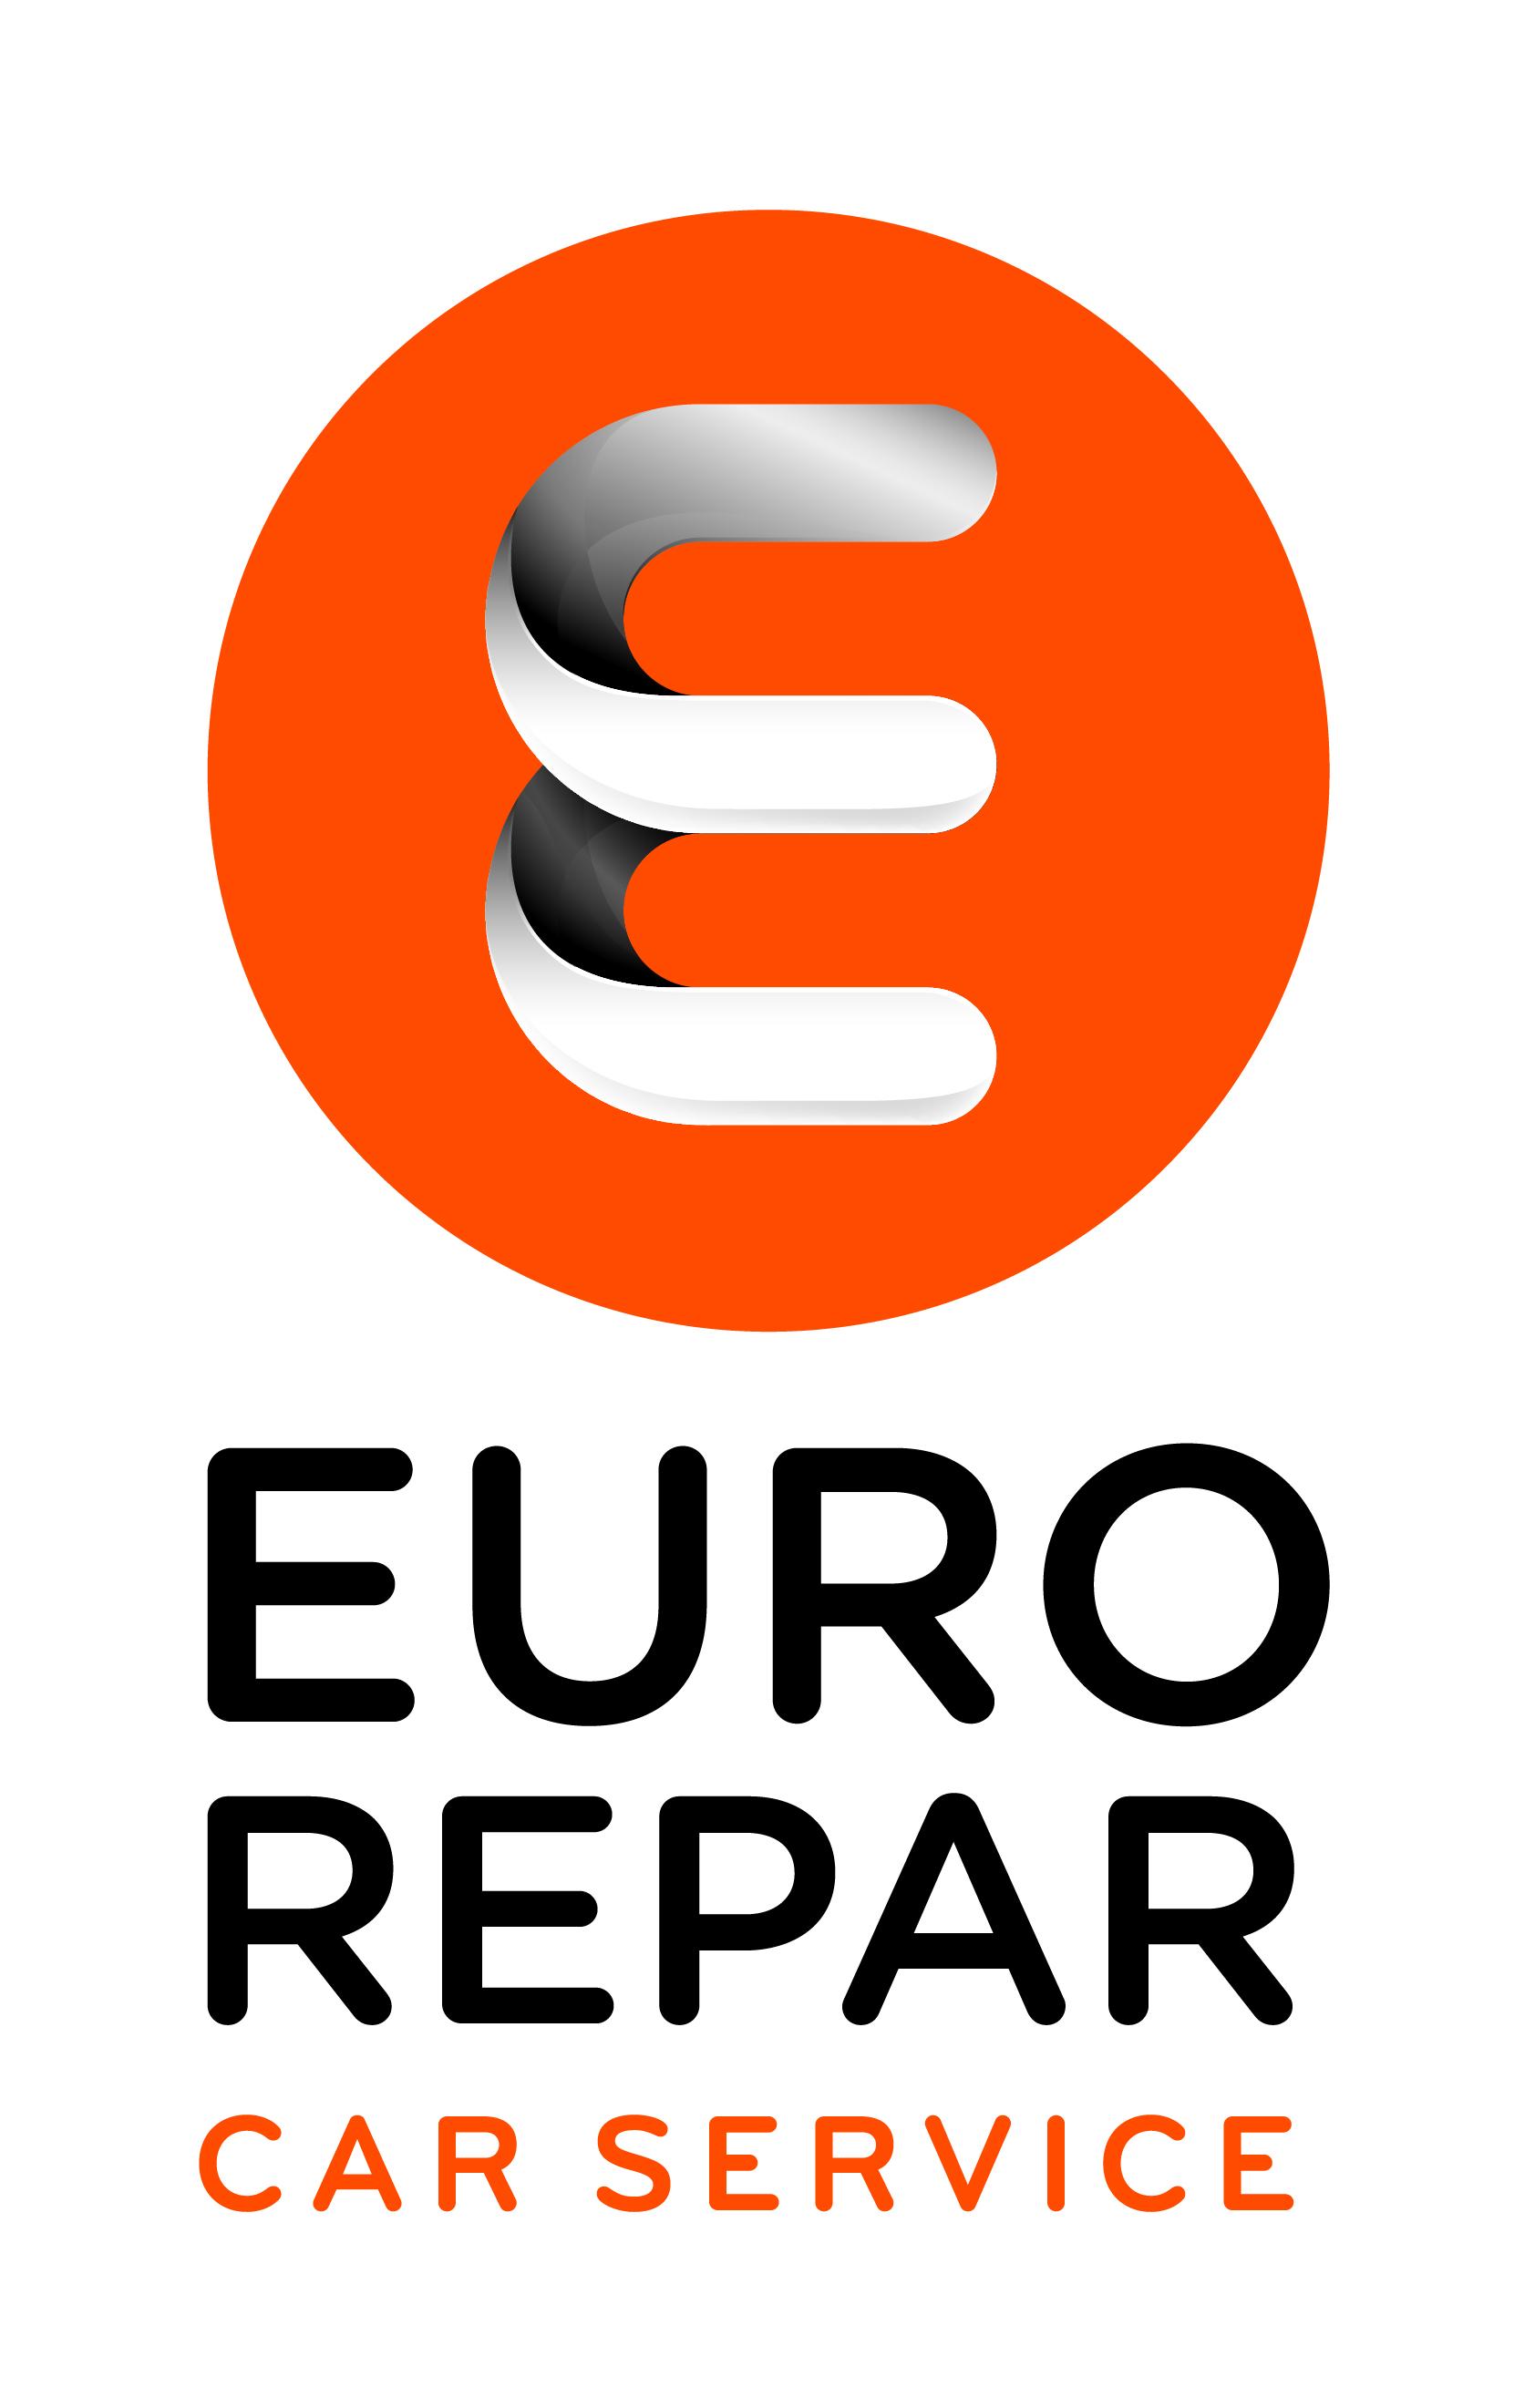 Reparacion y mantenimientom integral de vehiculos